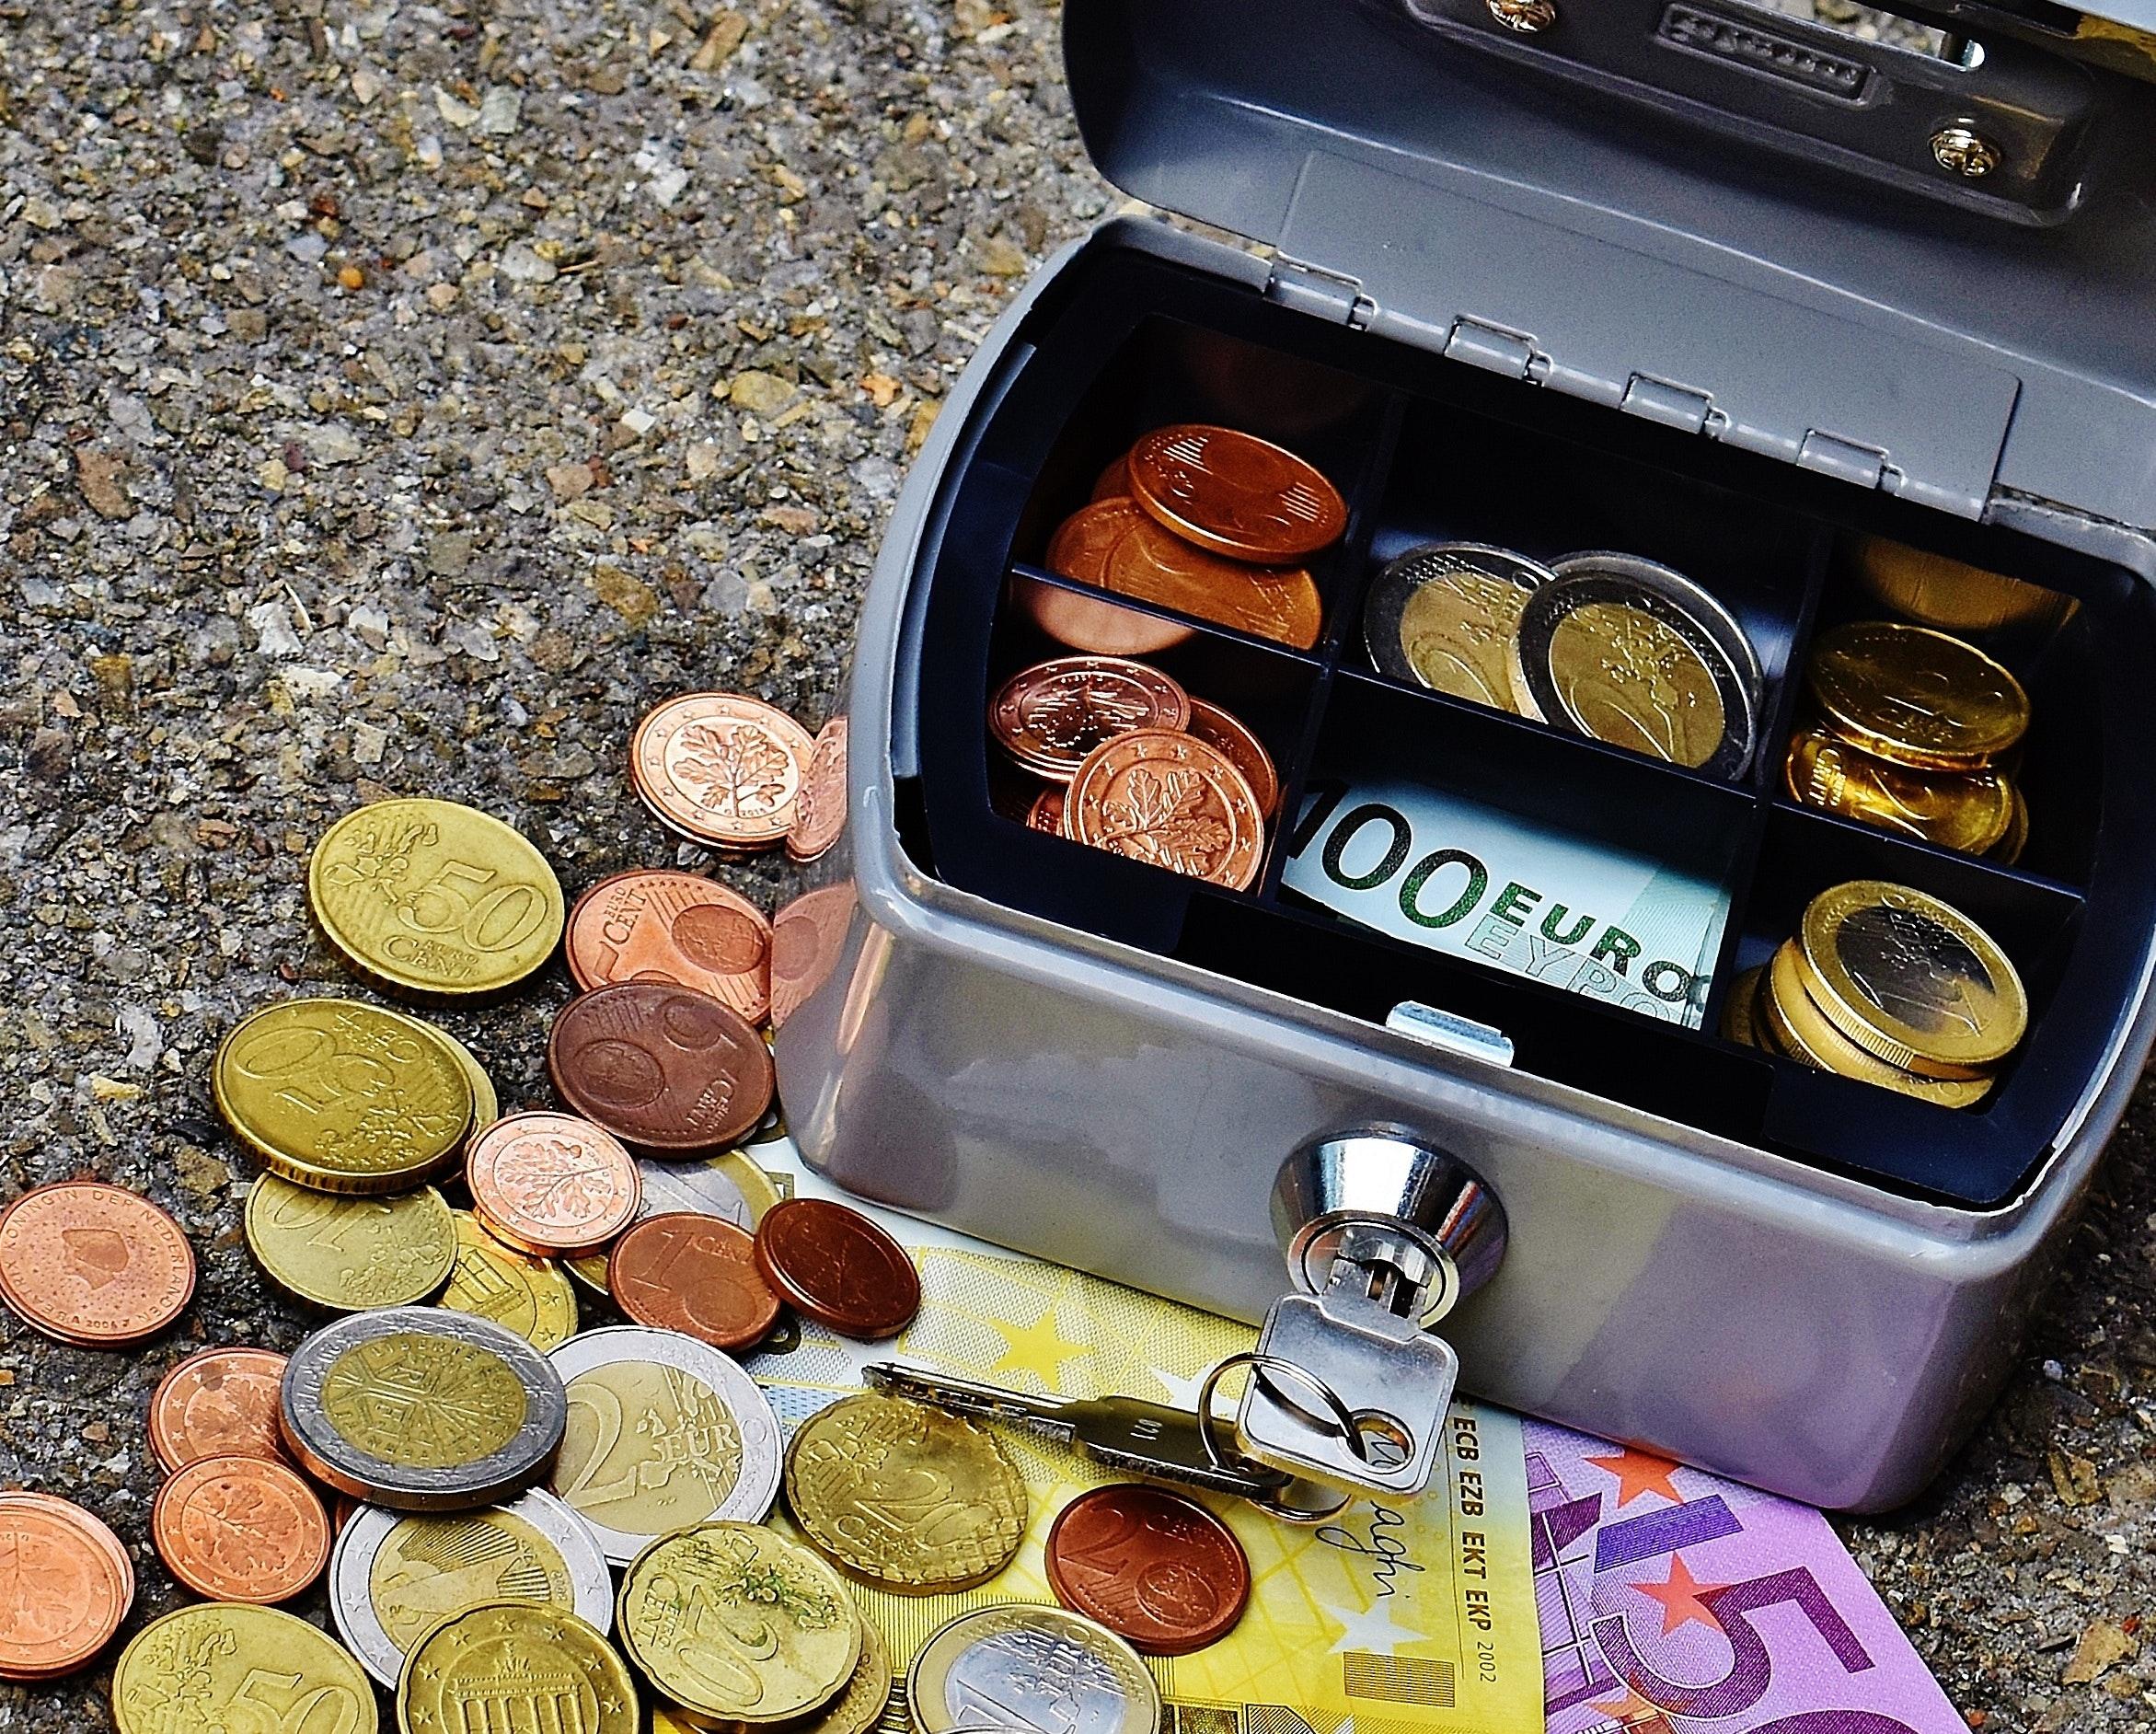 Imagem mostra um porta-valor aberto, com a chave na fechadura e notas e moedas e seu interior. Ele está sob uma superfície áspera e sob notas e moedas espalhadas.